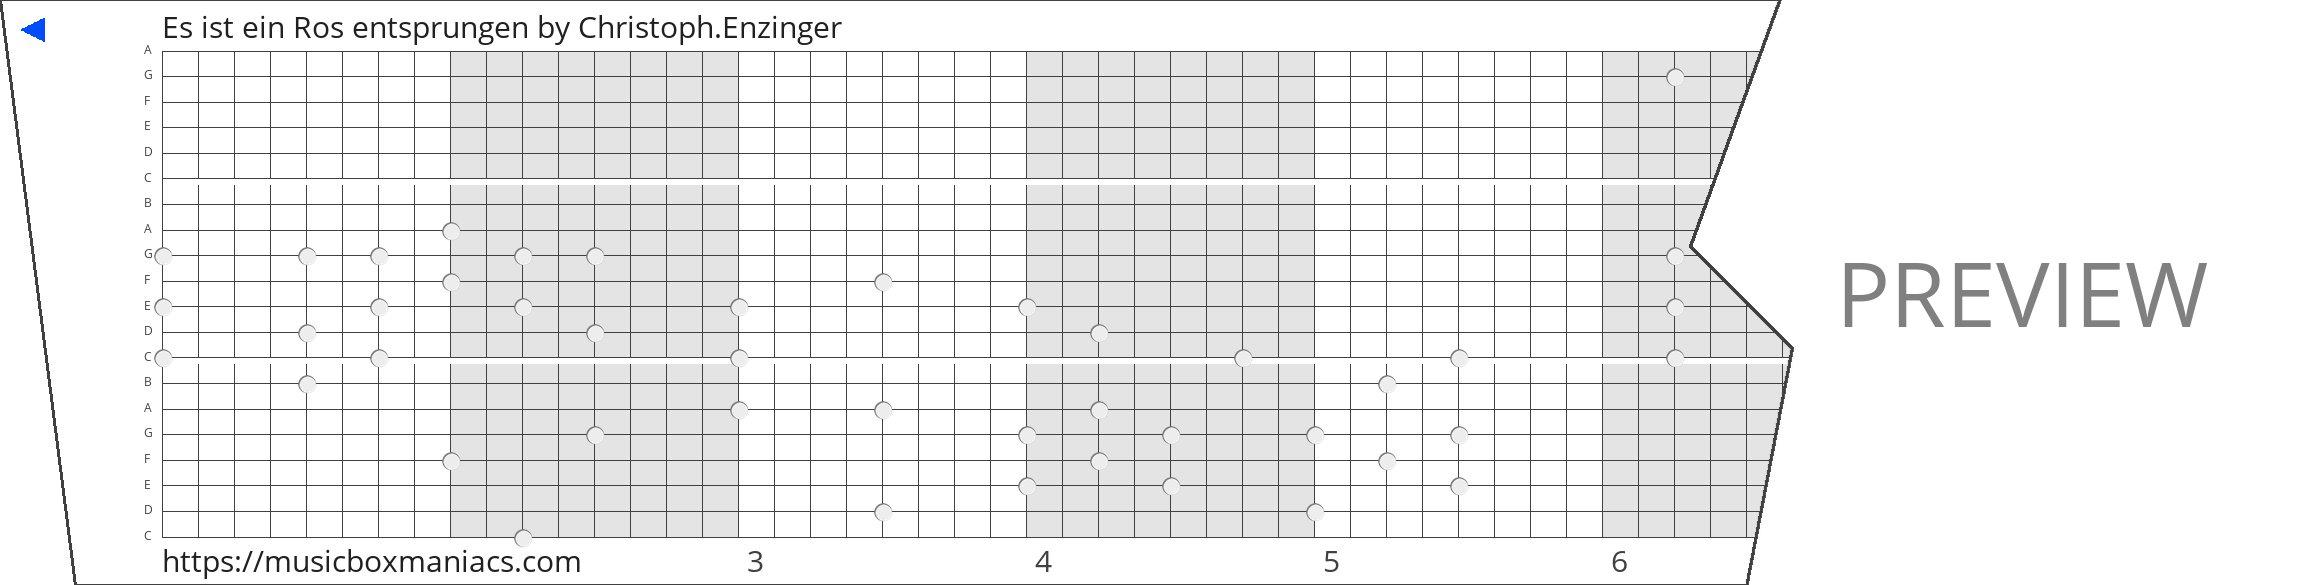 Es ist ein Ros entsprungen 20 note music box paper strip